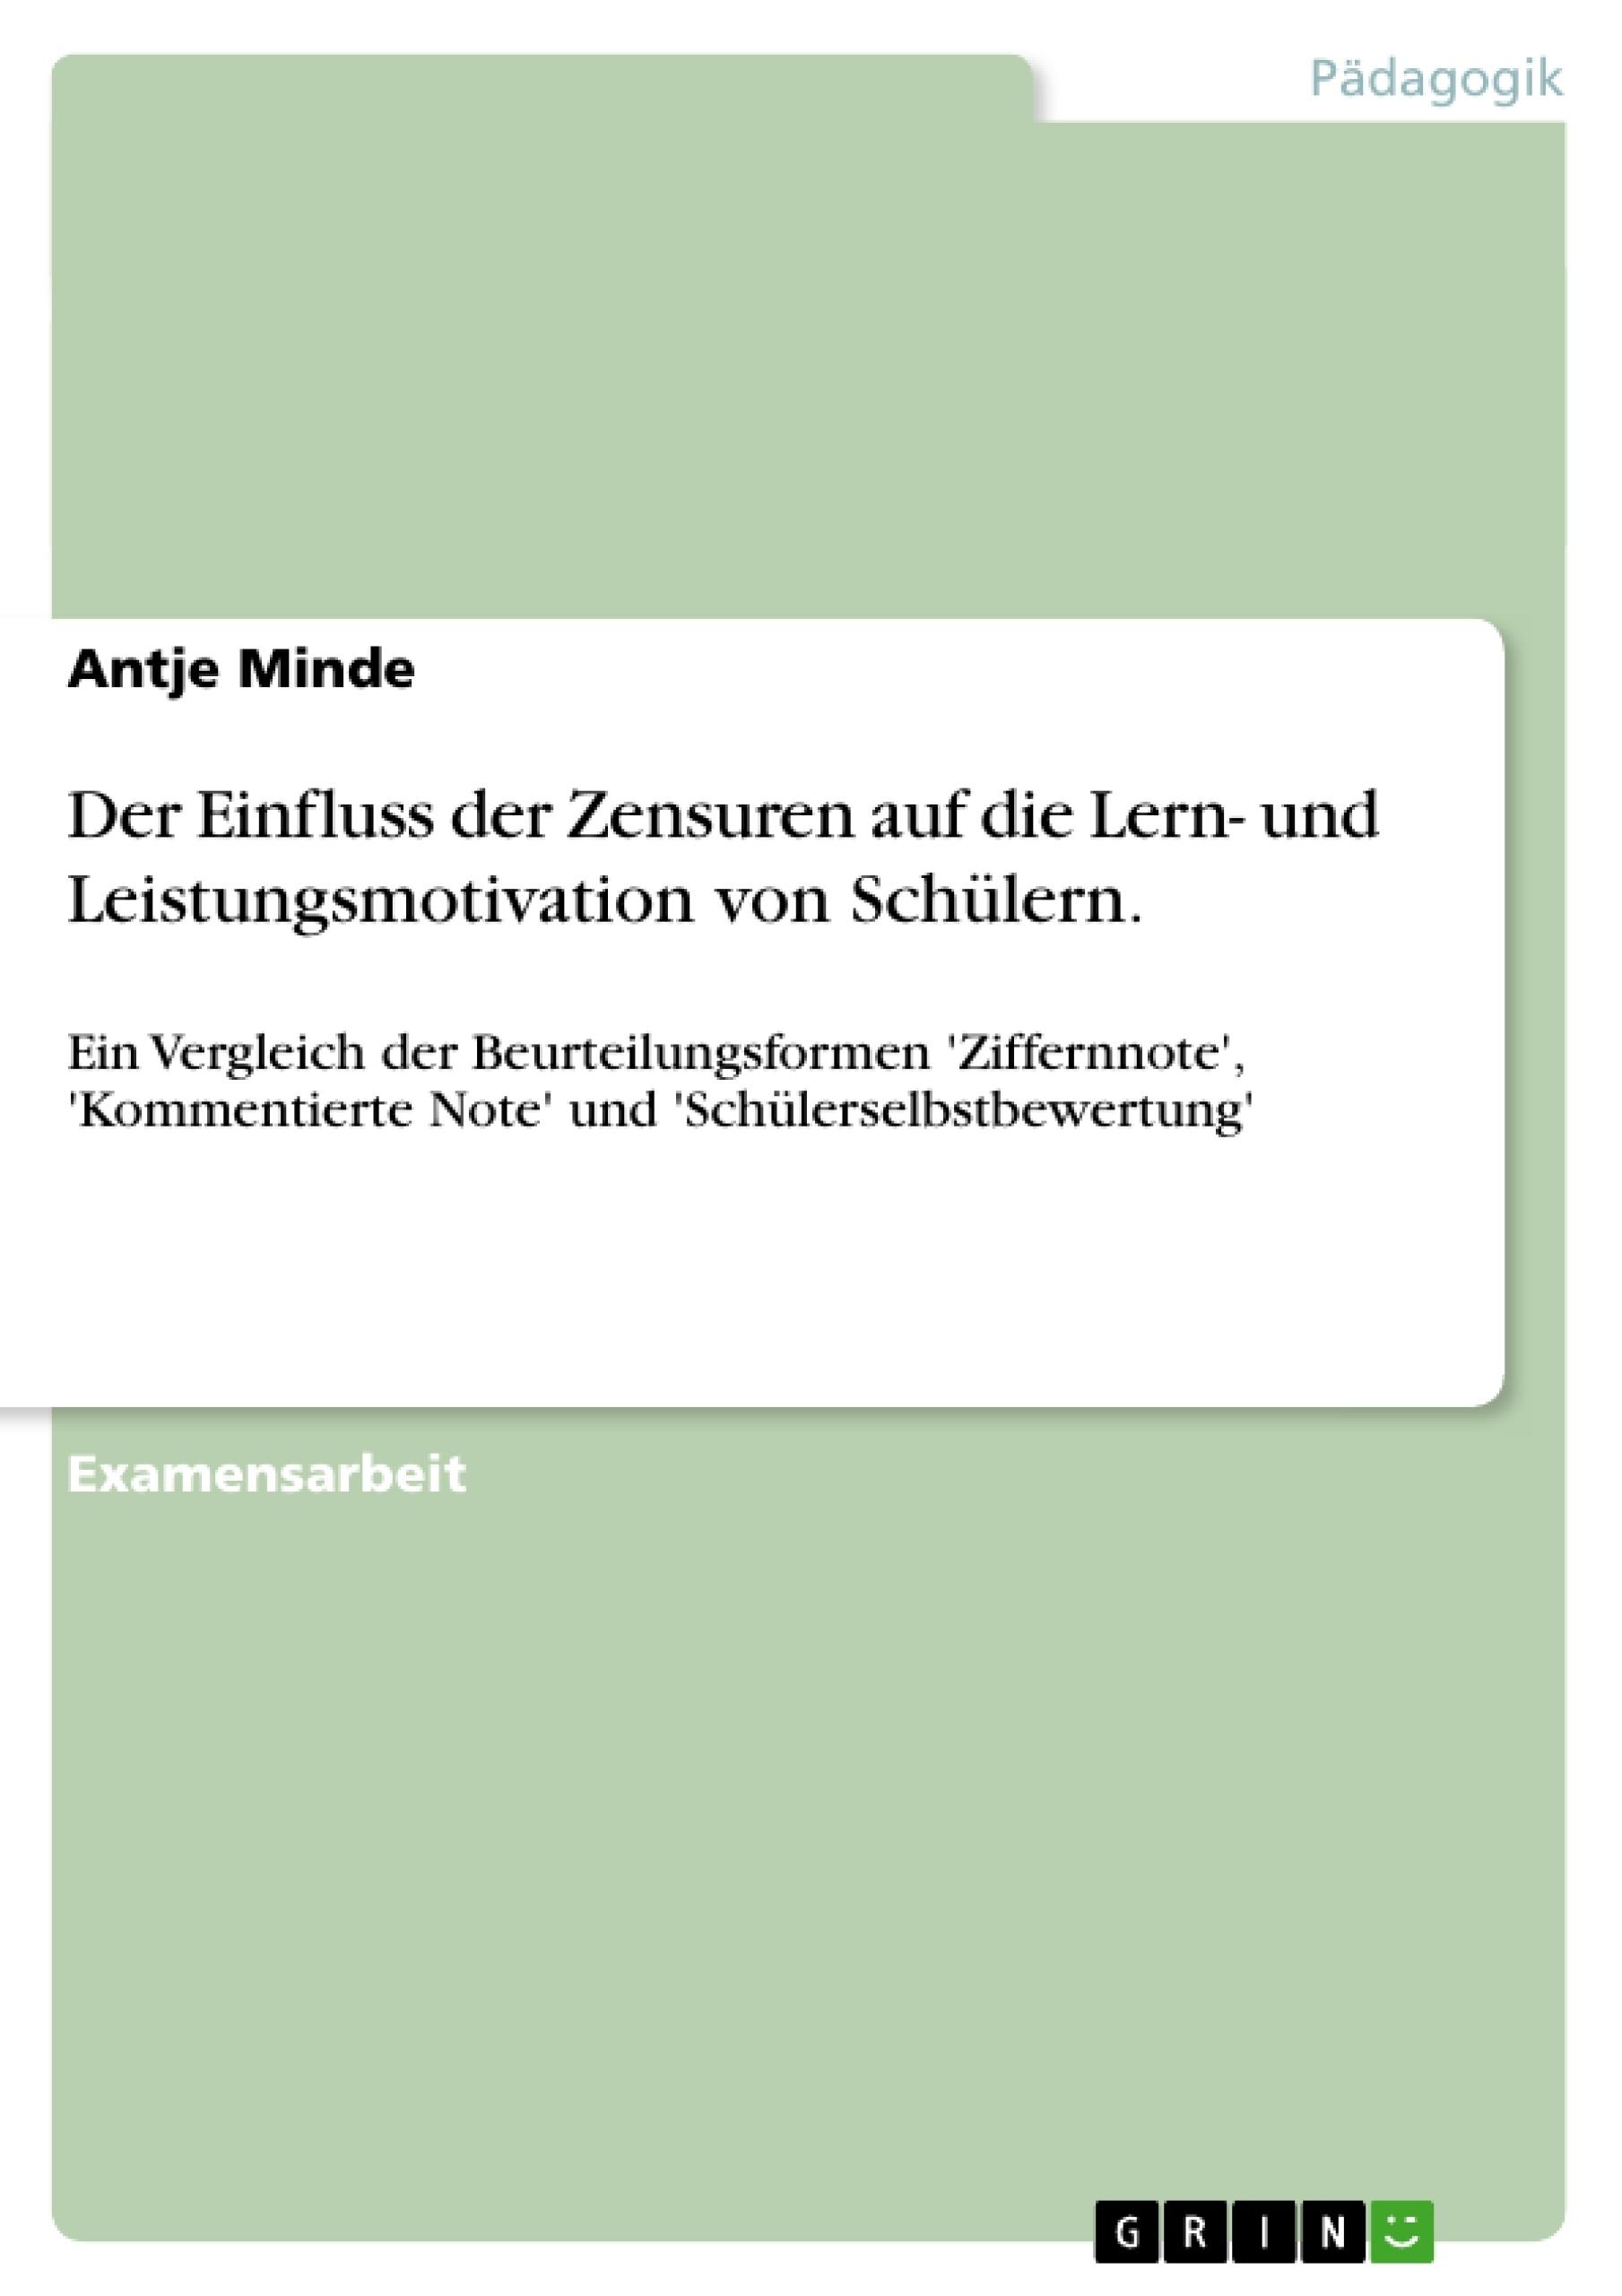 Titel: Der Einfluss der Zensuren auf die Lern- und Leistungsmotivation von Schülern.